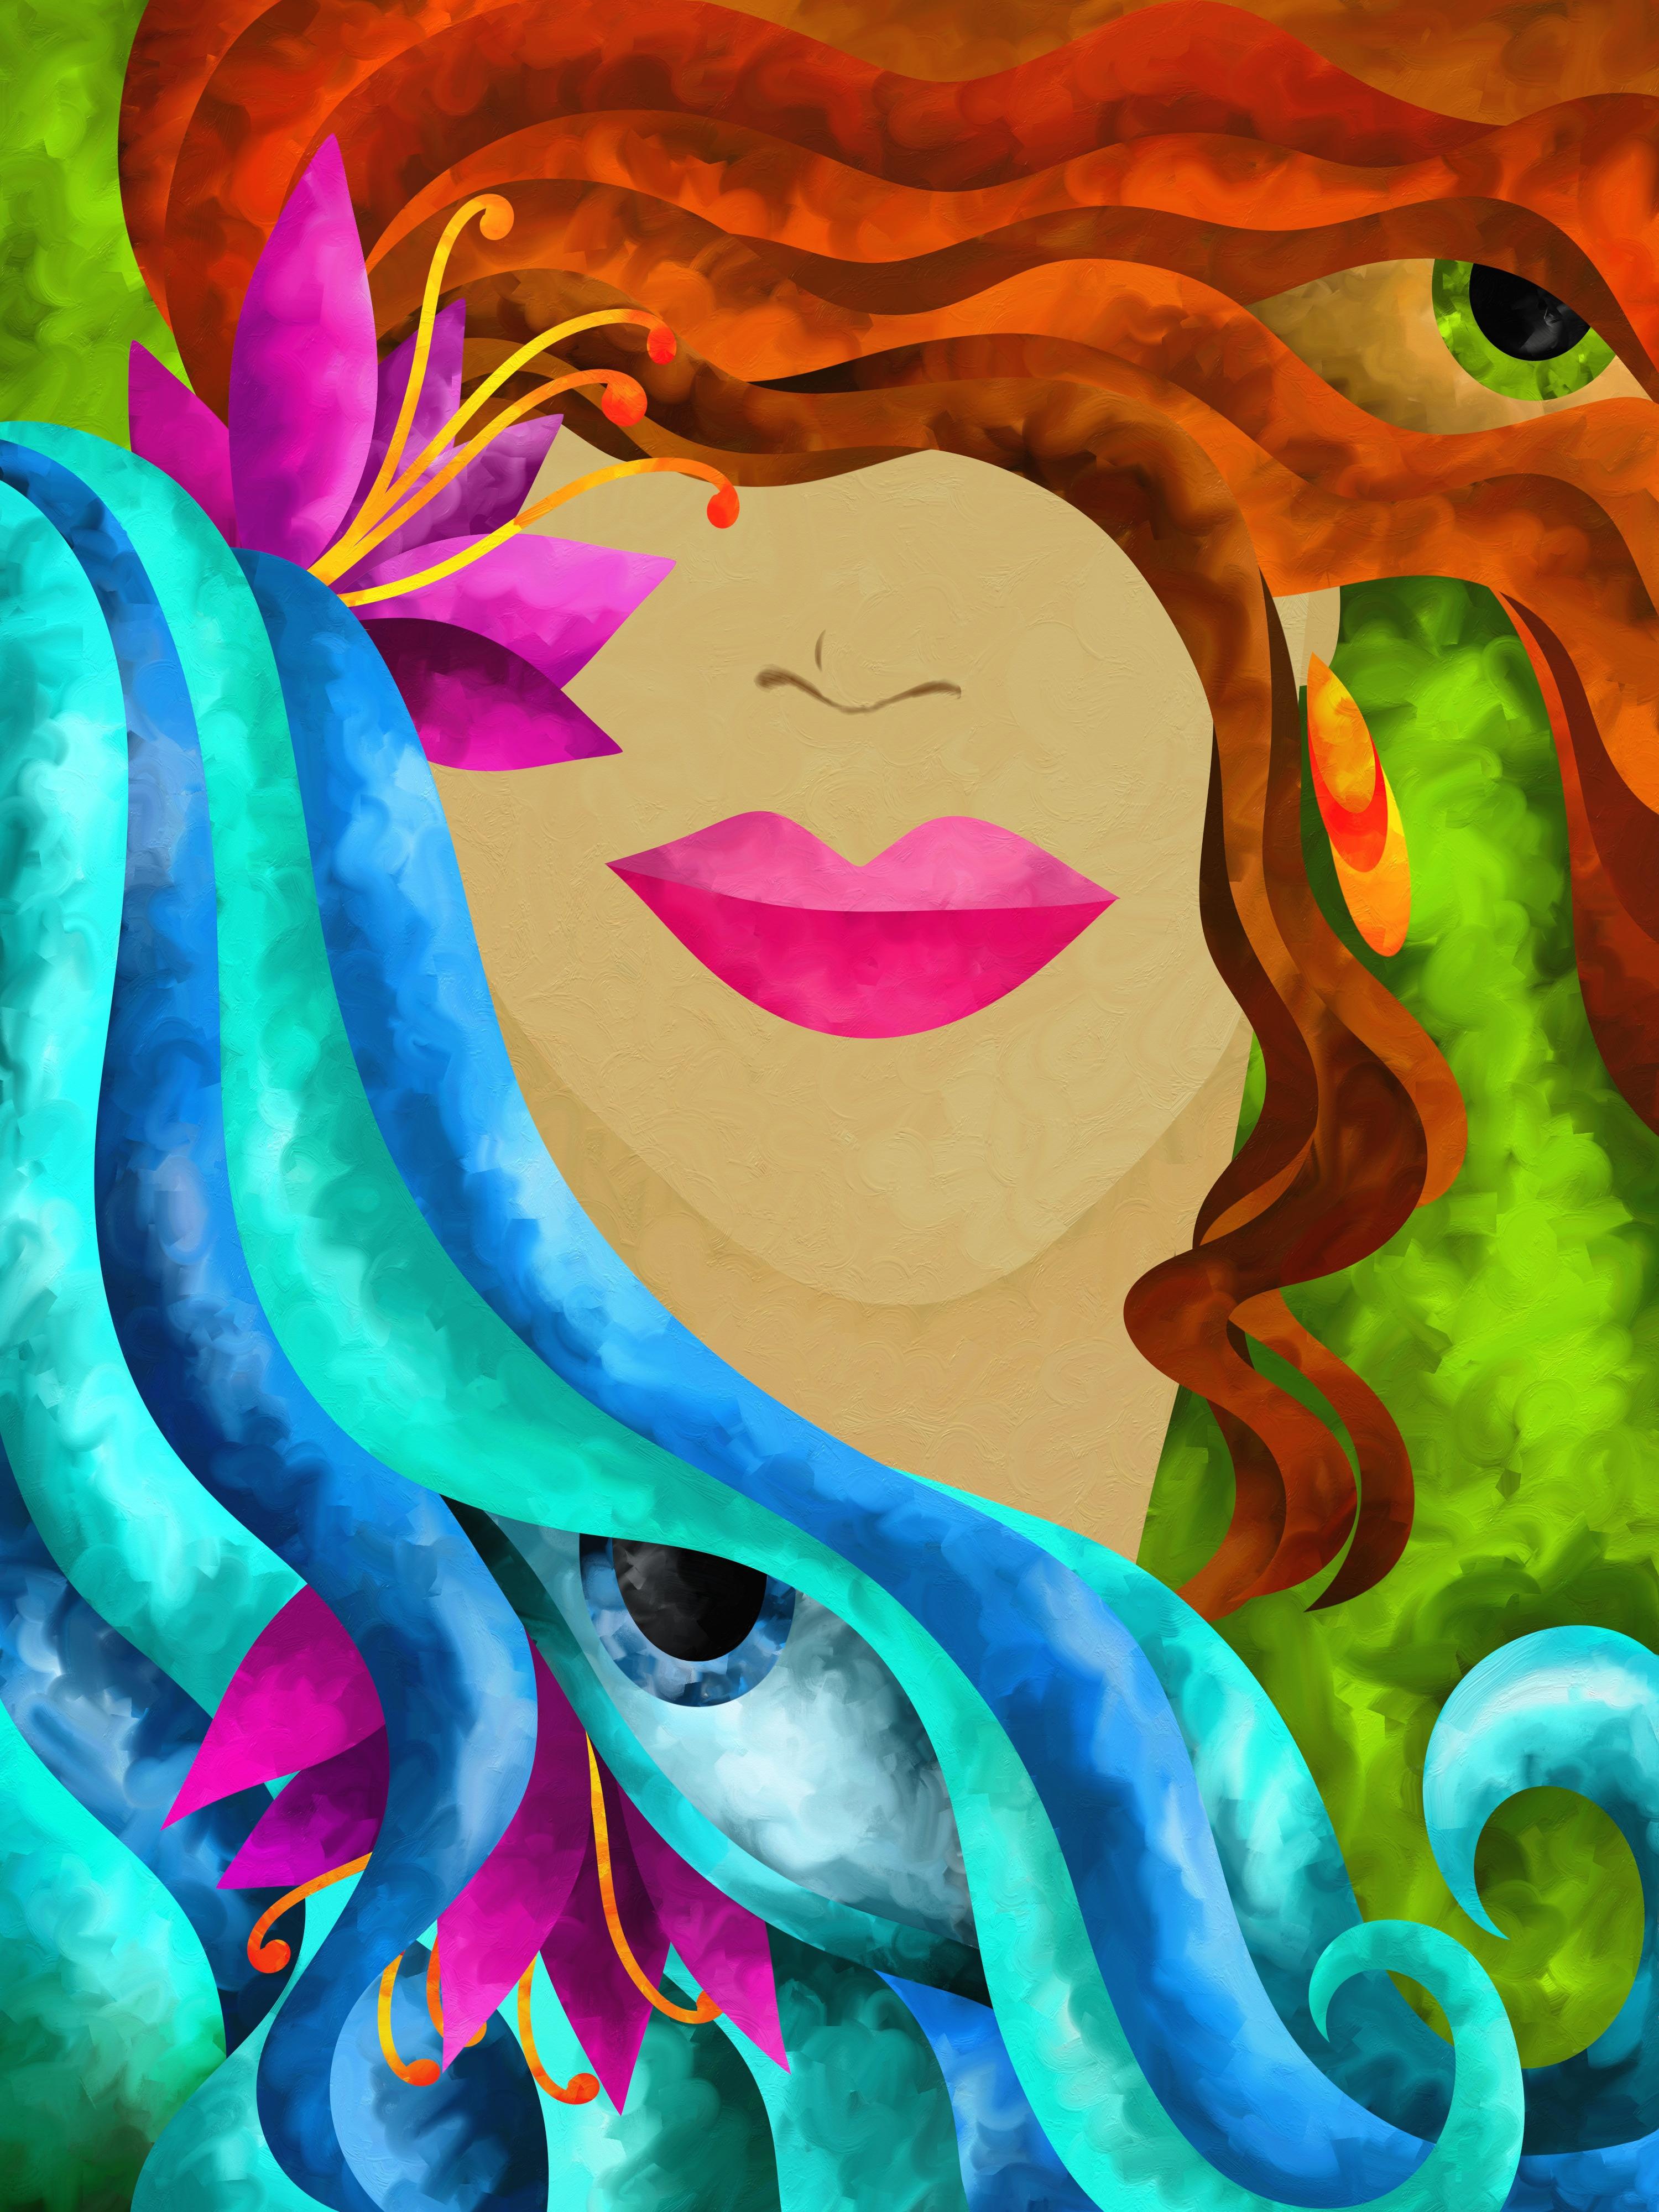 viso di donna con capelli color rame - Jessica Shepherd